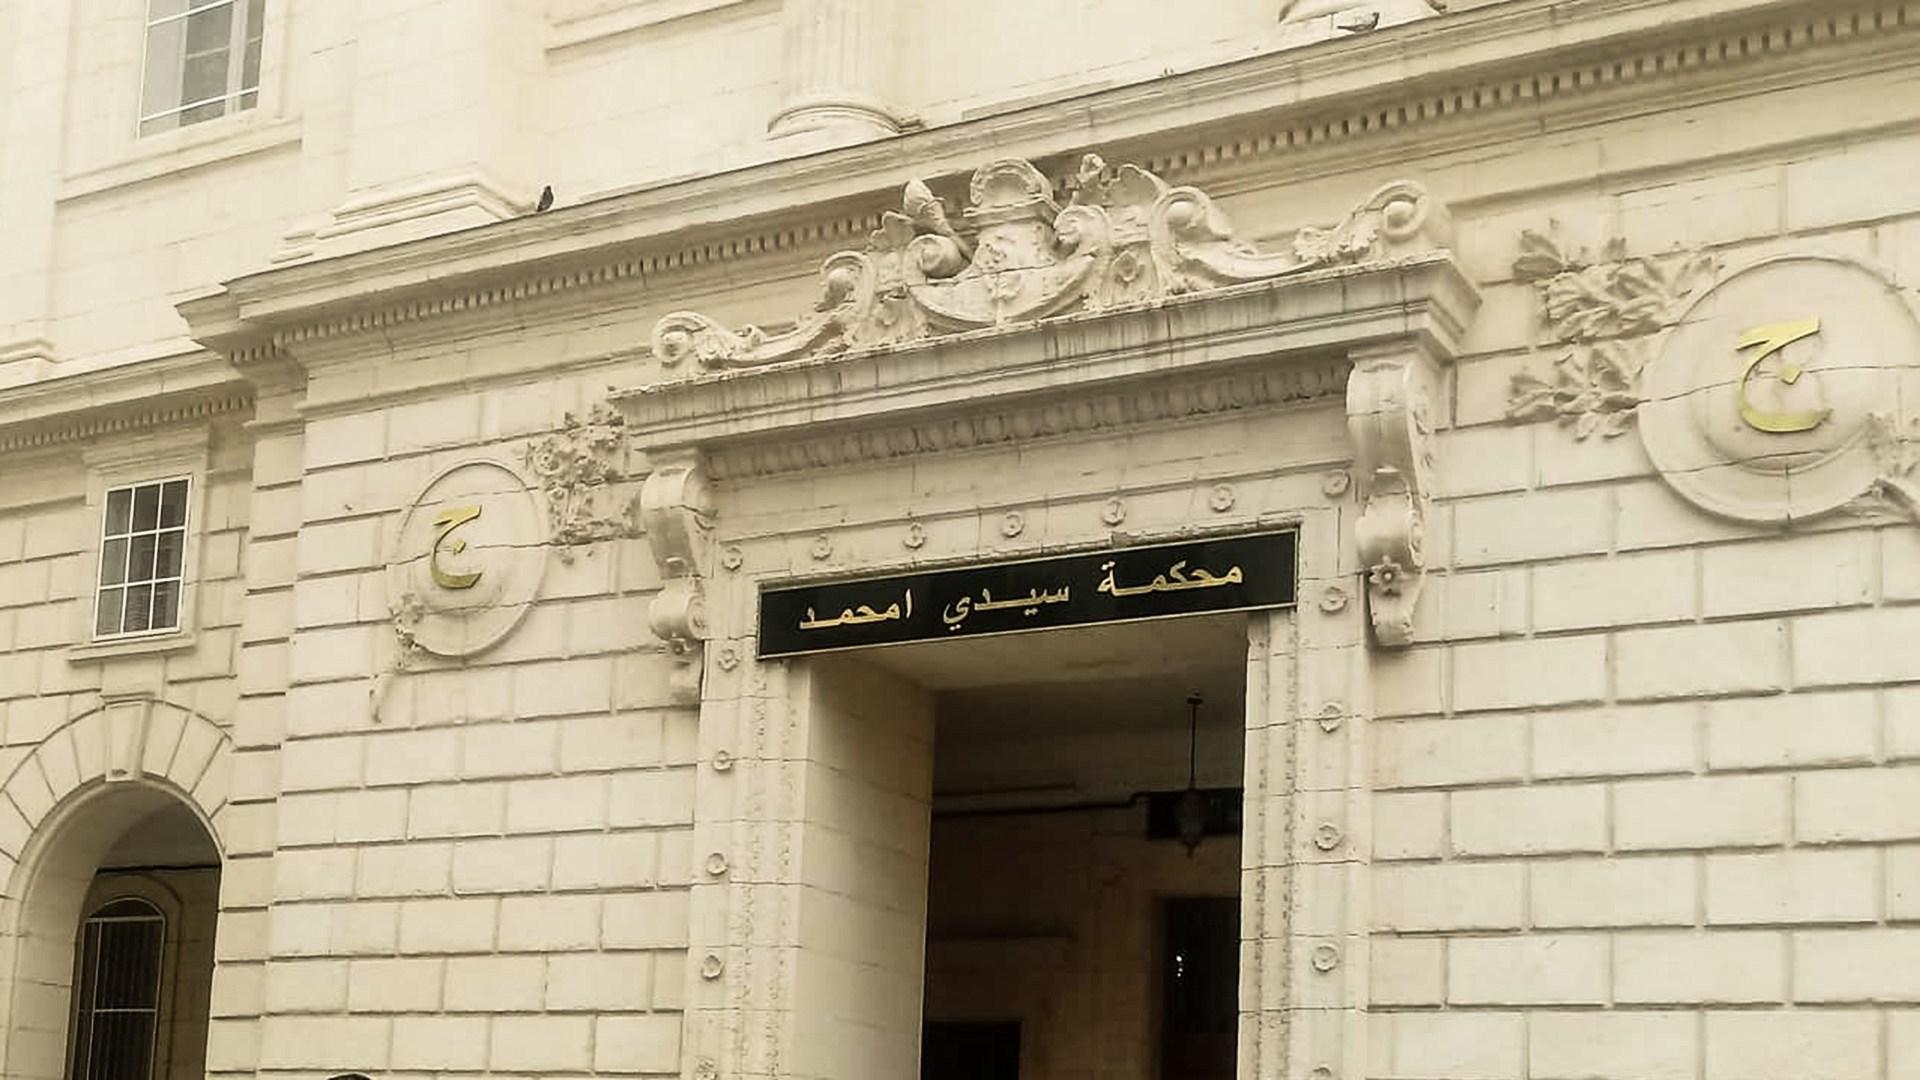 صورة قضية سوفاك: التماس 20 سنة سجنا في حق بوشوارب و15 في حق أويحيى ومراد عولمي